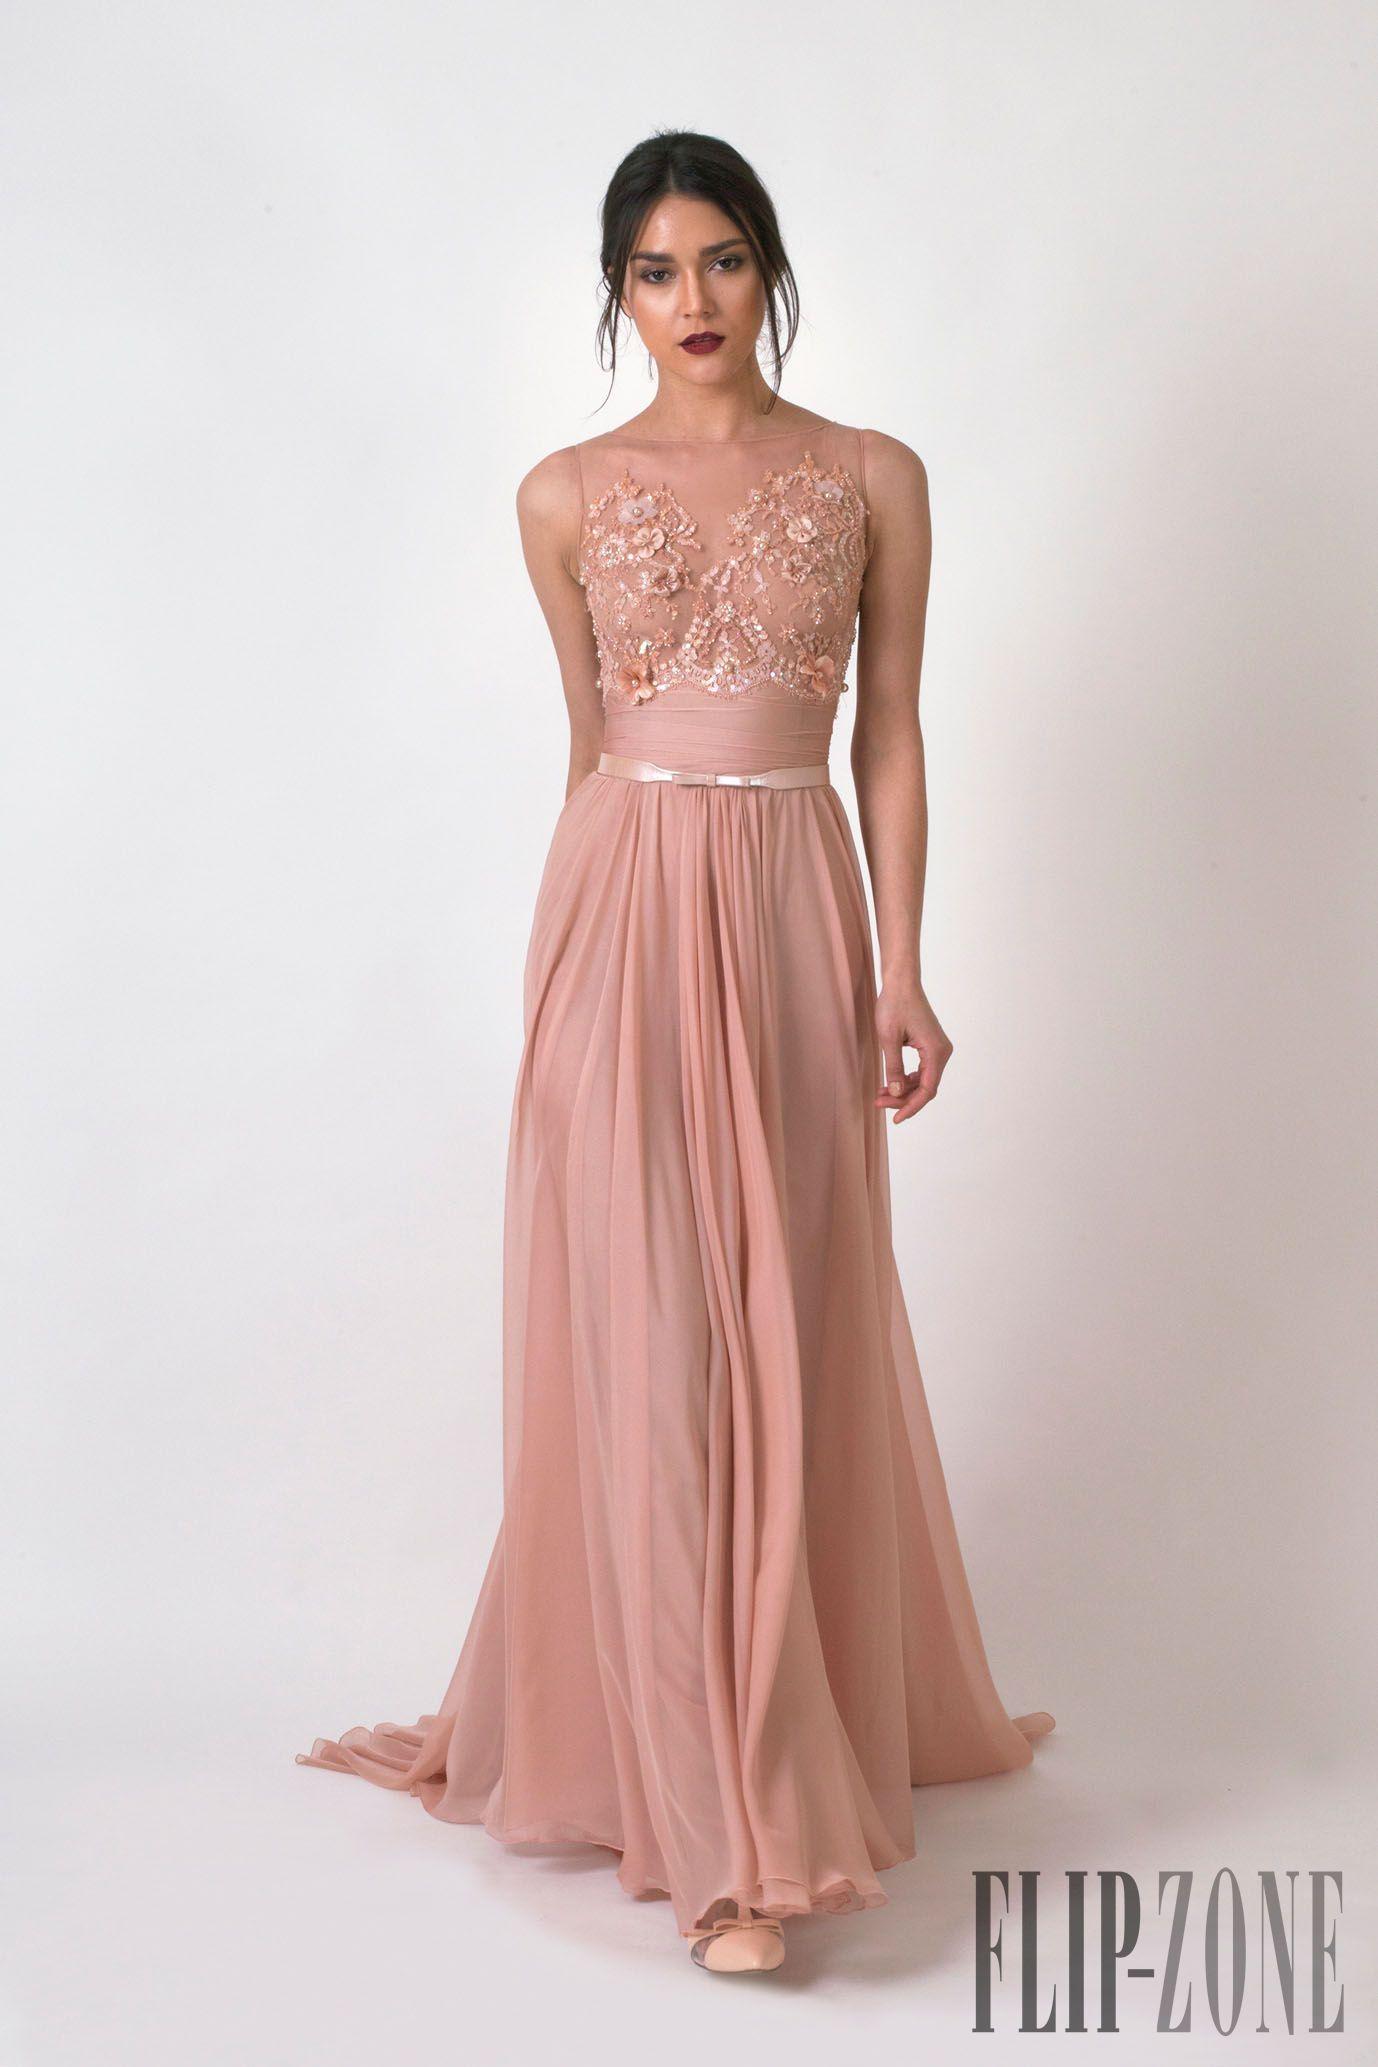 Hermosa Vestido De La Dama De Alta Costura Ideas - Colección de ...